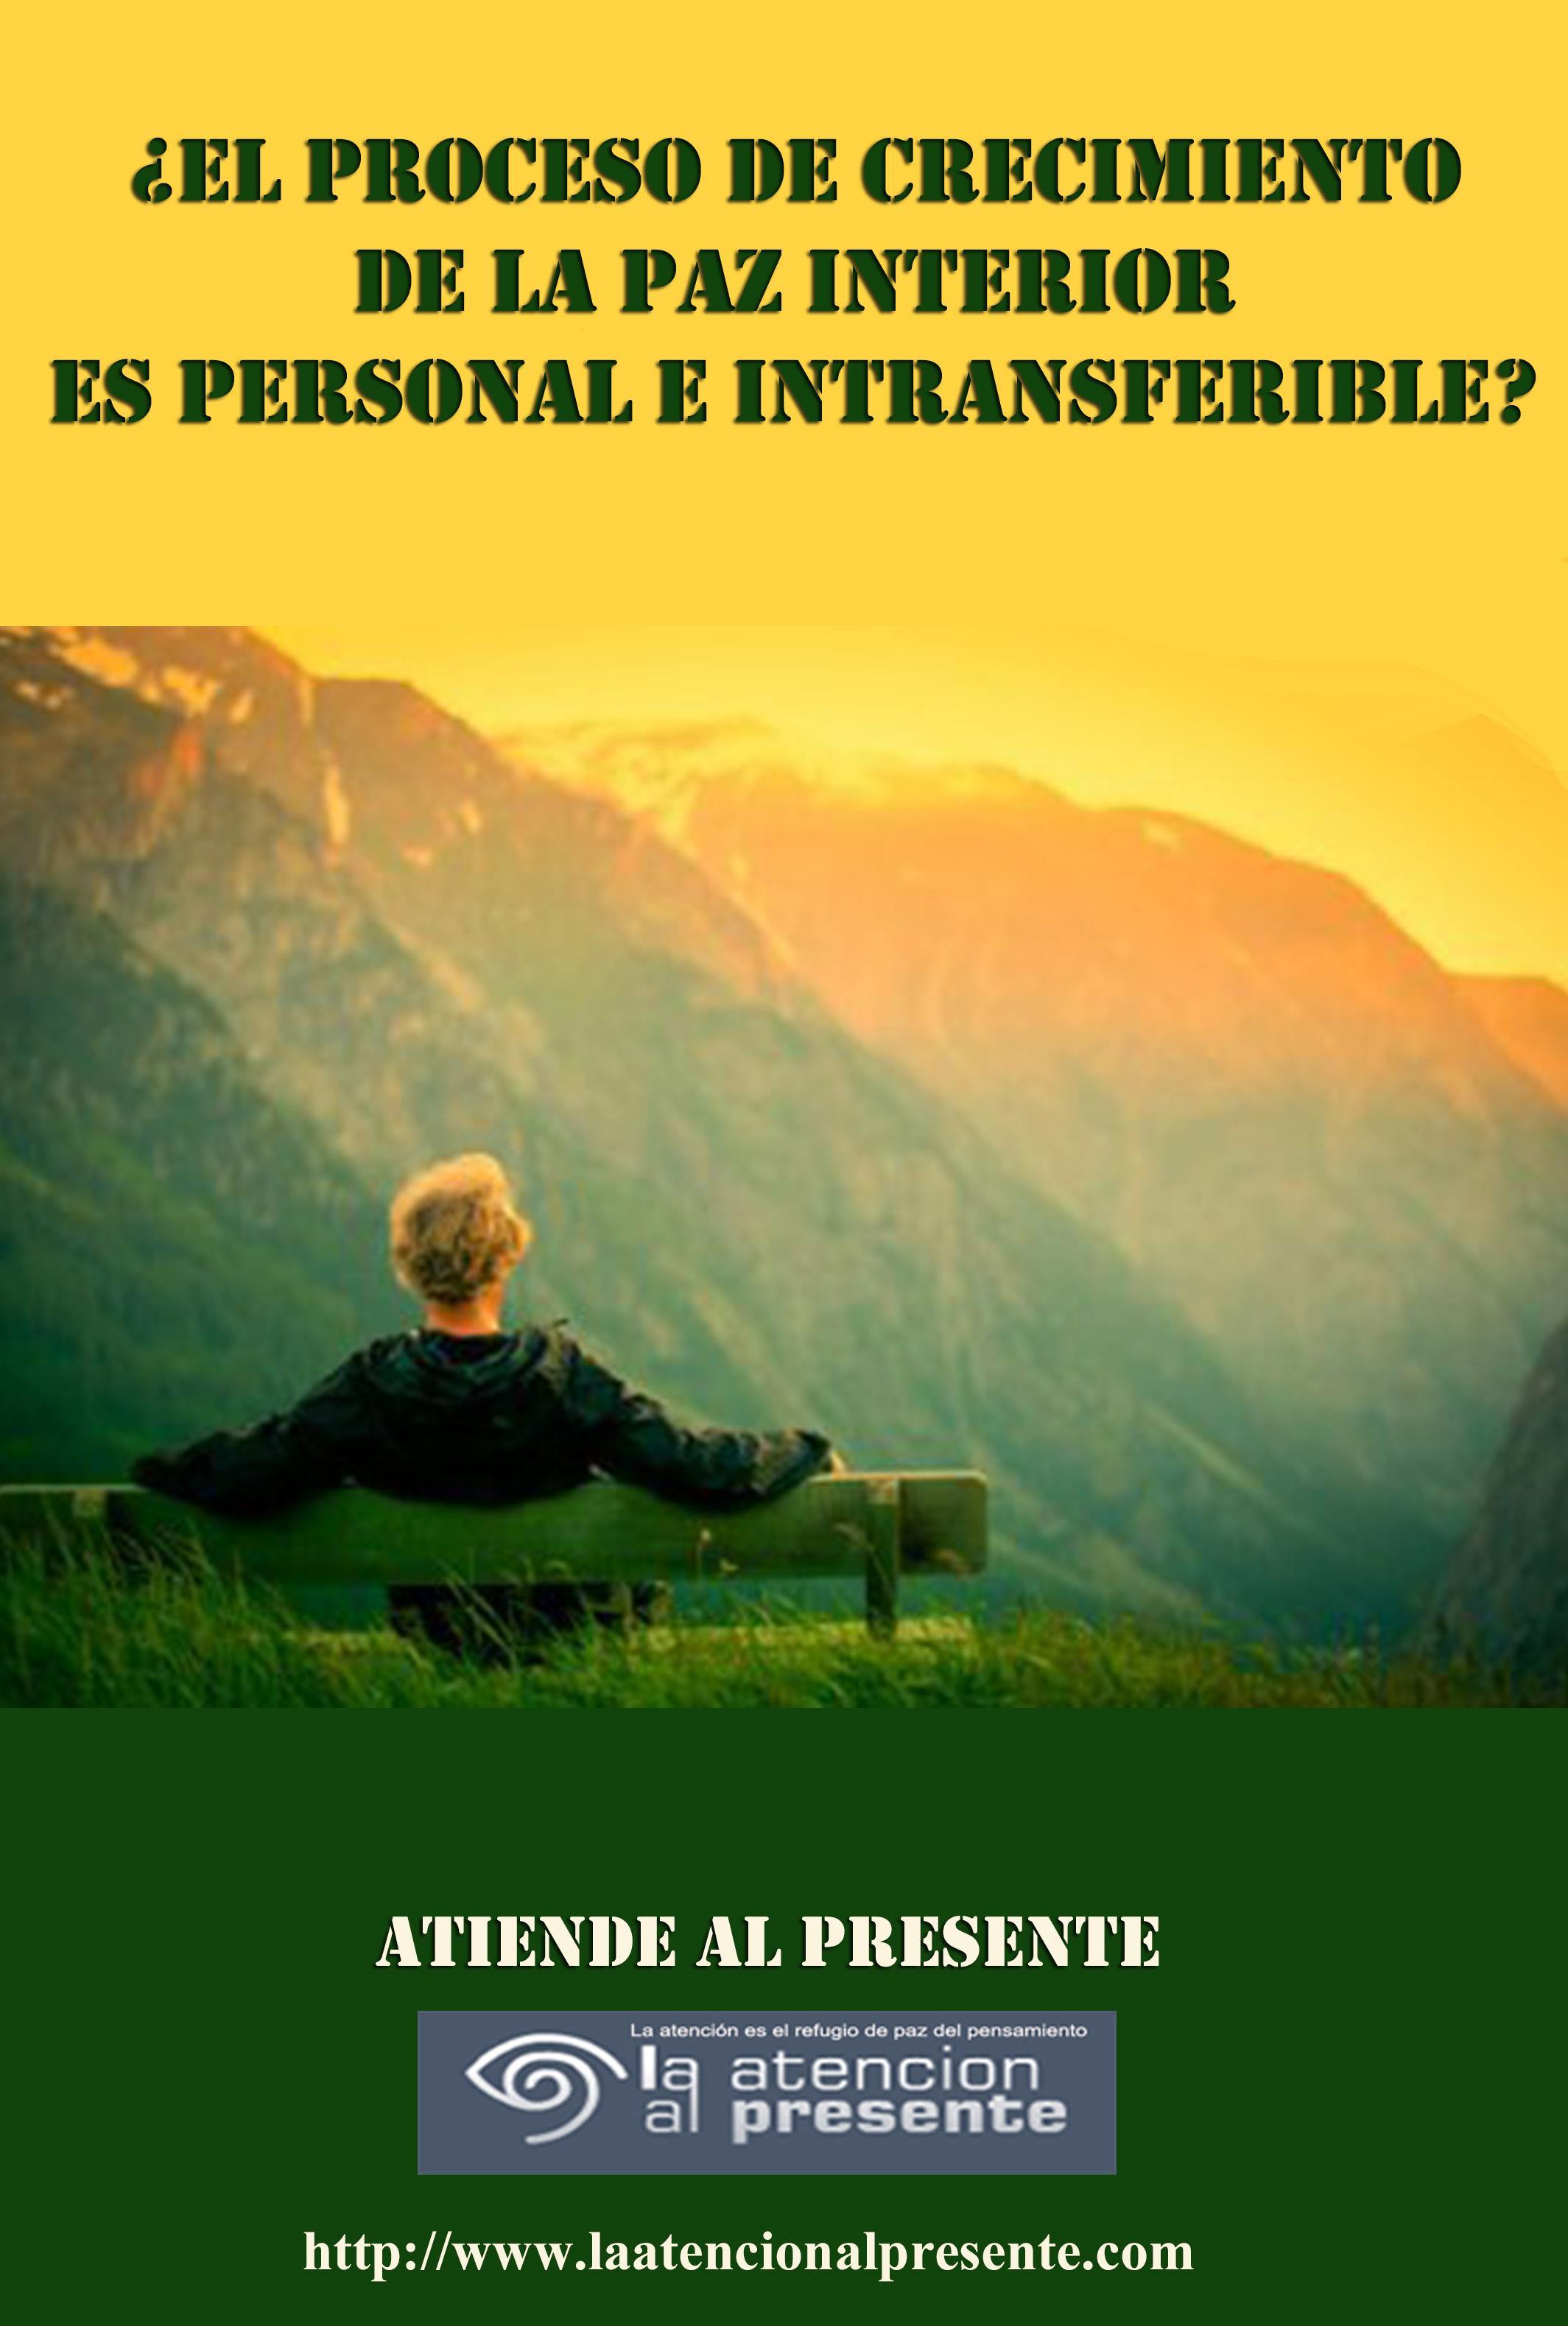 21 de setiembre Pepe El proceso de crecimiento de la paz interior es PERSONAL e INTRANSFERIBLE